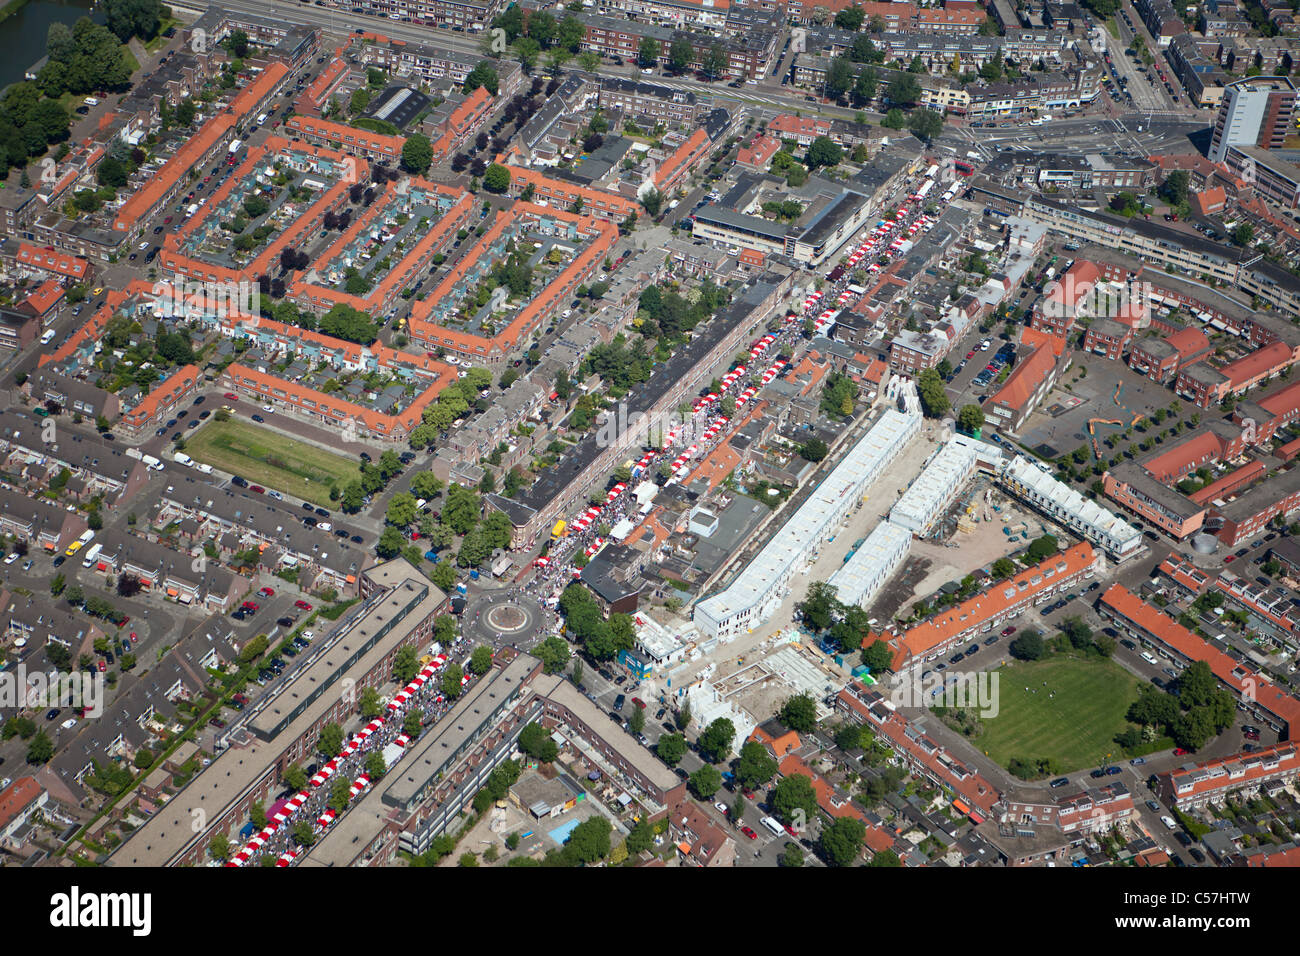 Die Niederlande, Utrecht, Markt in Wohnquartier. Luft. Stockbild